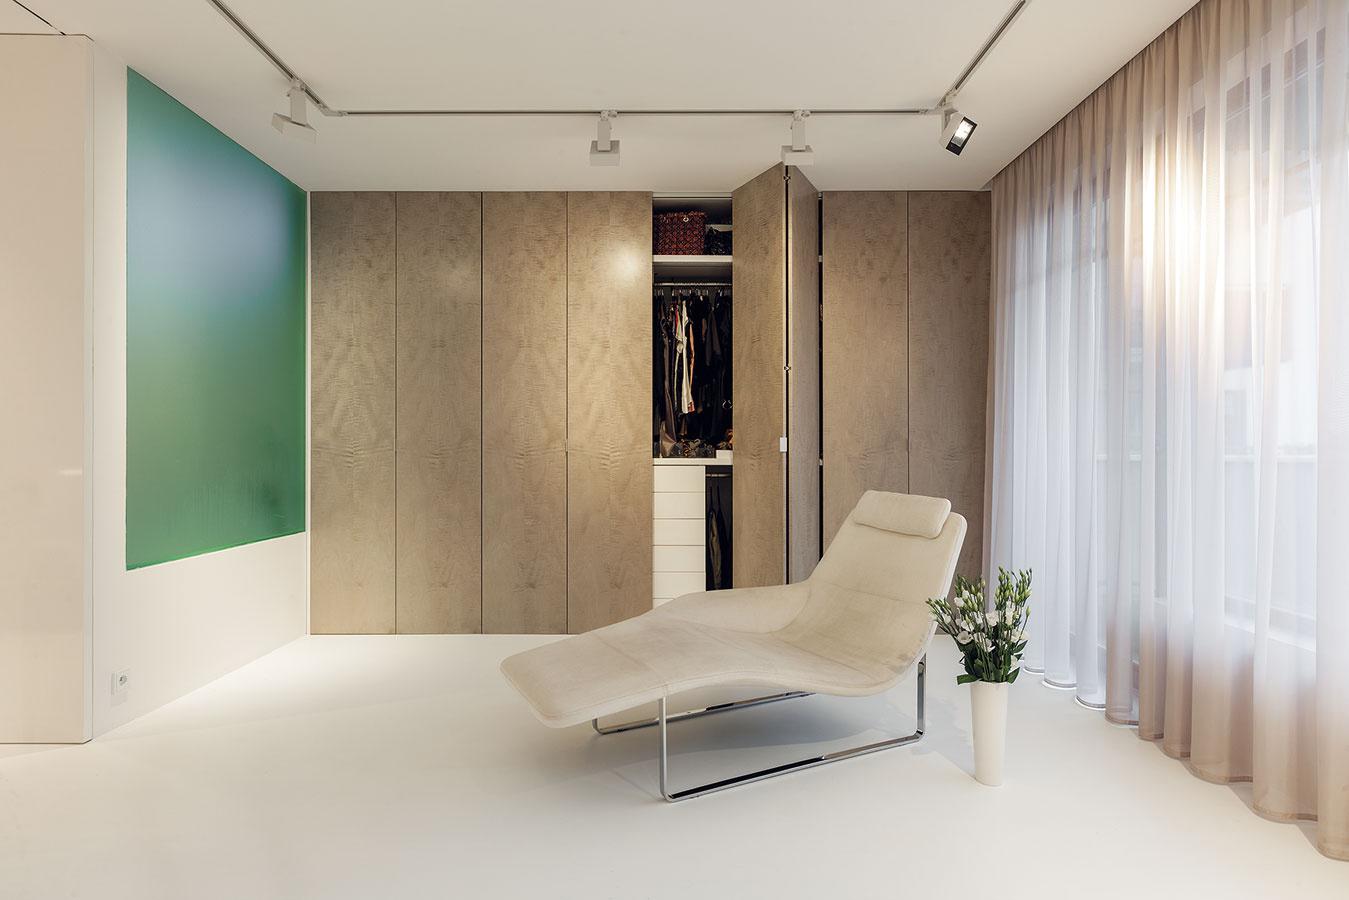 Vstavaná skriňa s dverami z talianskej dyhy poskytuje hromadu miesta na veľkolepý šatník.